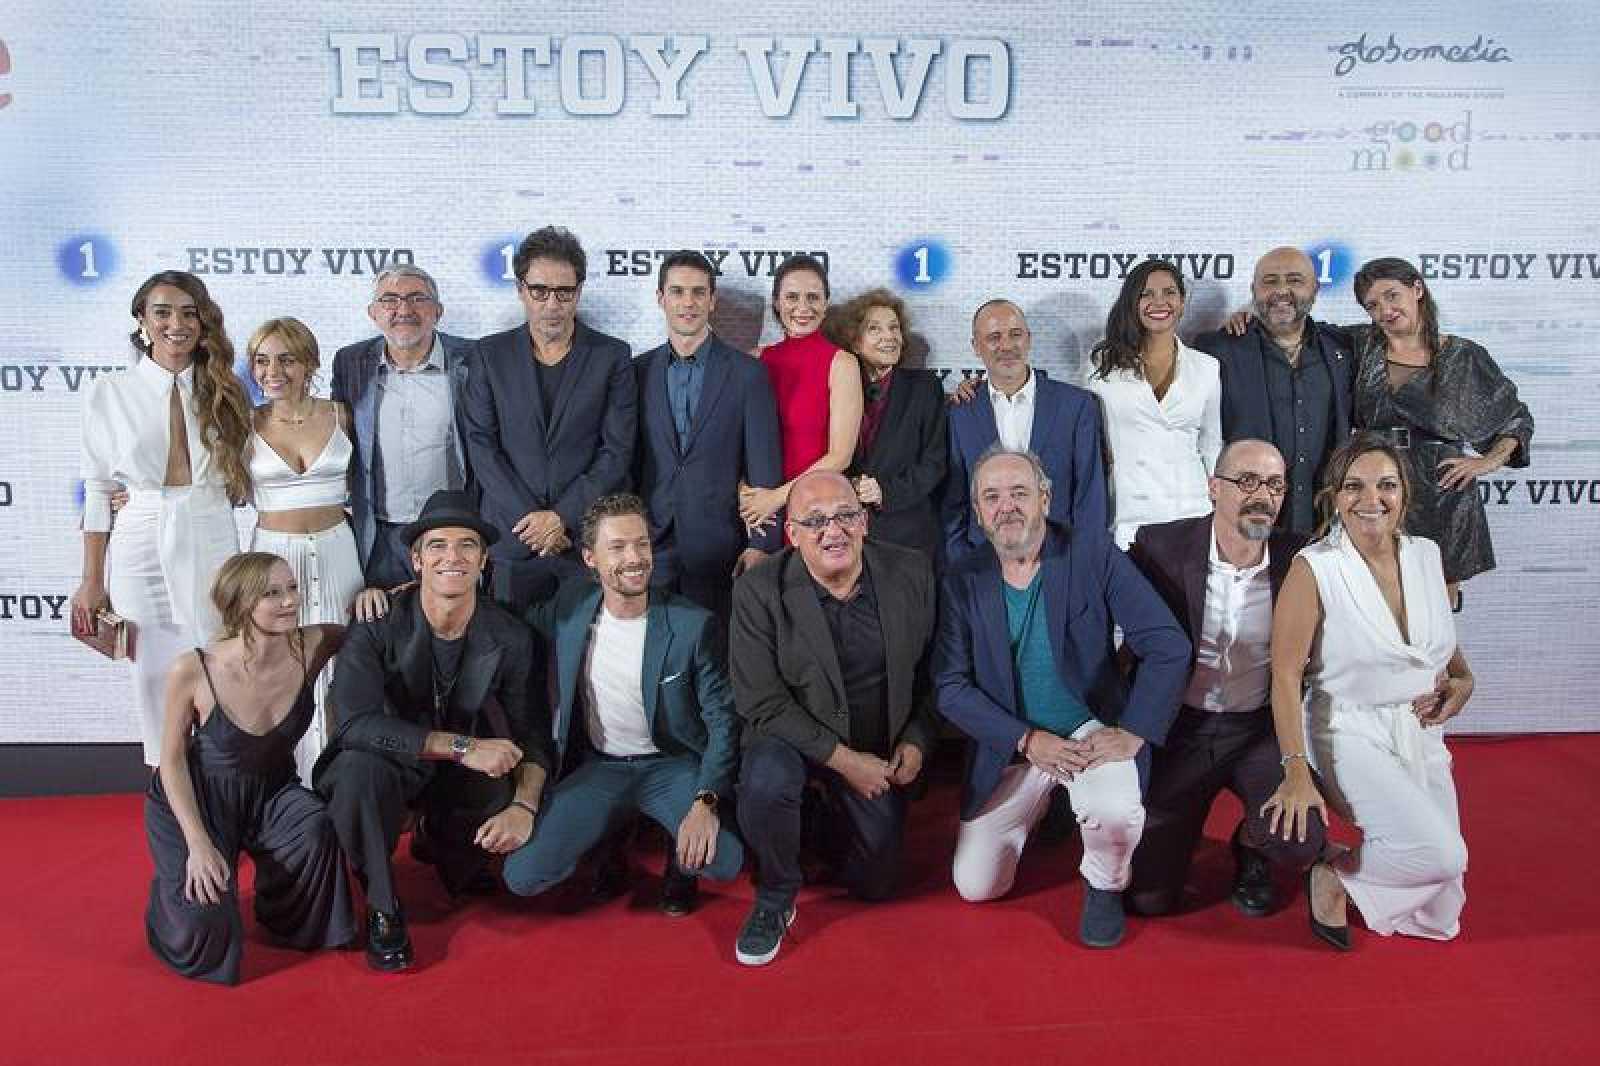 Foto de familia del estreno de 'Estoy vivo 3', ayer en Madrid